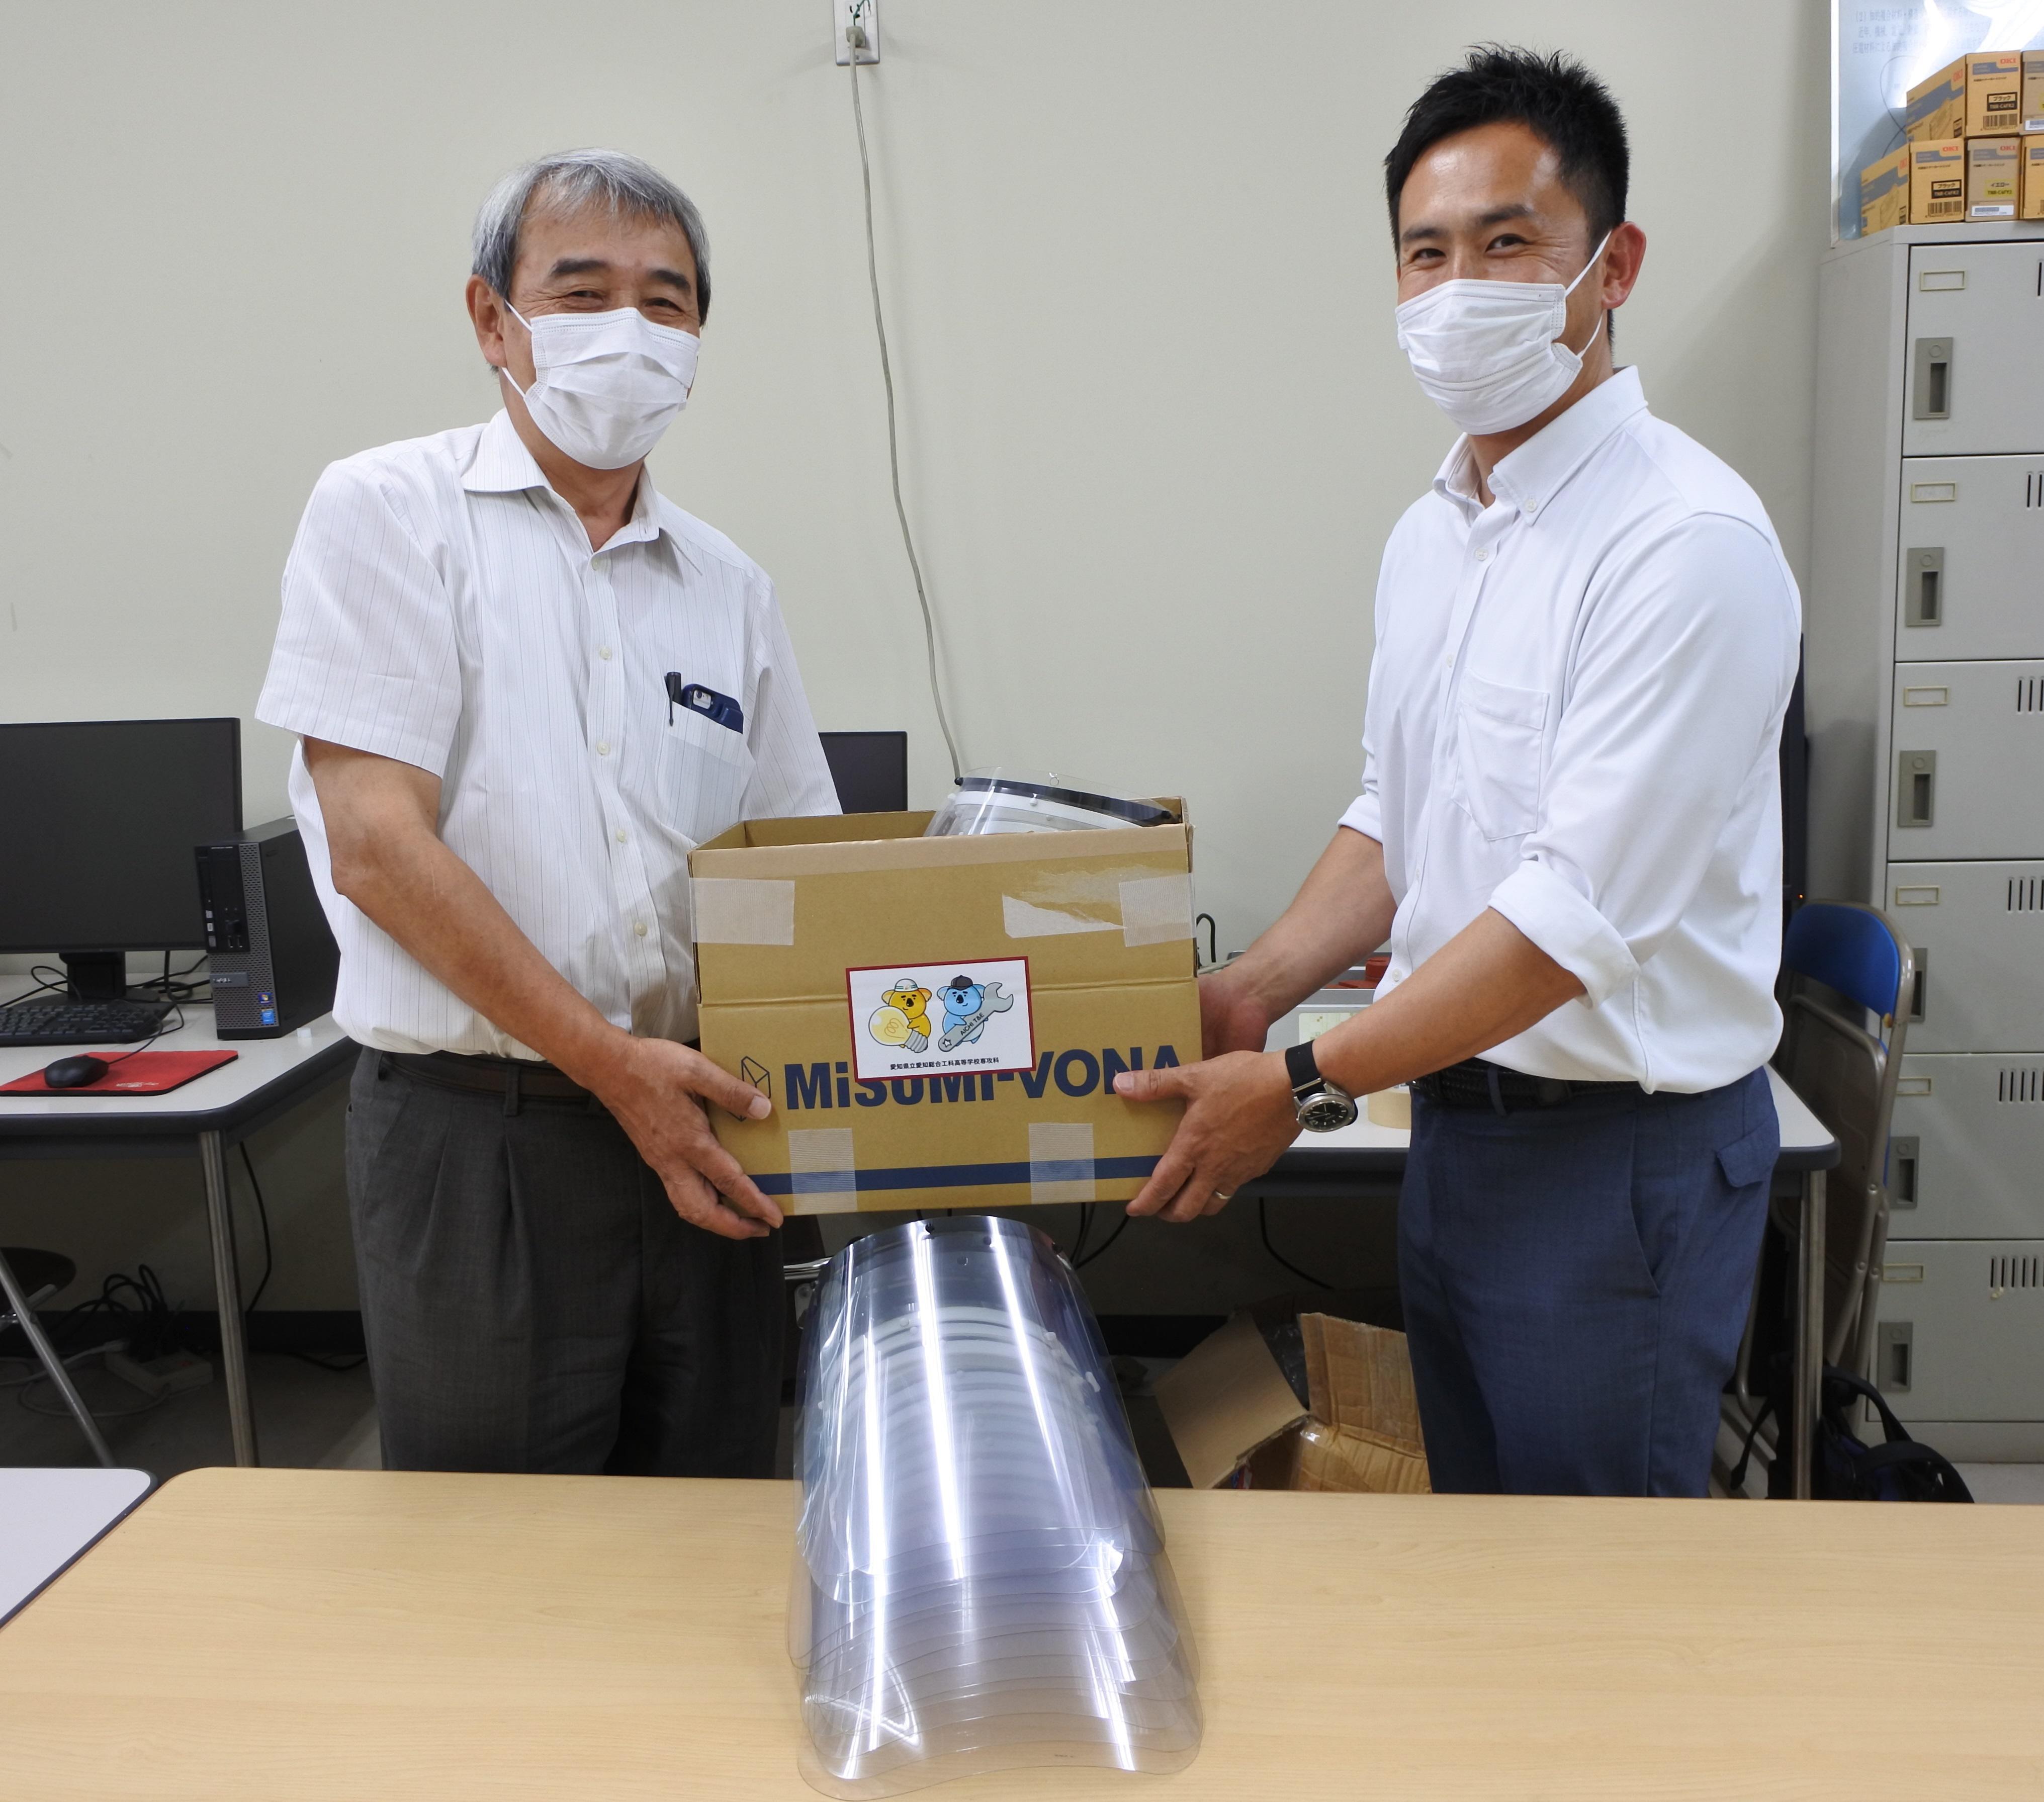 加鳥教授(左)にフェイスシールドを手渡す西村さん